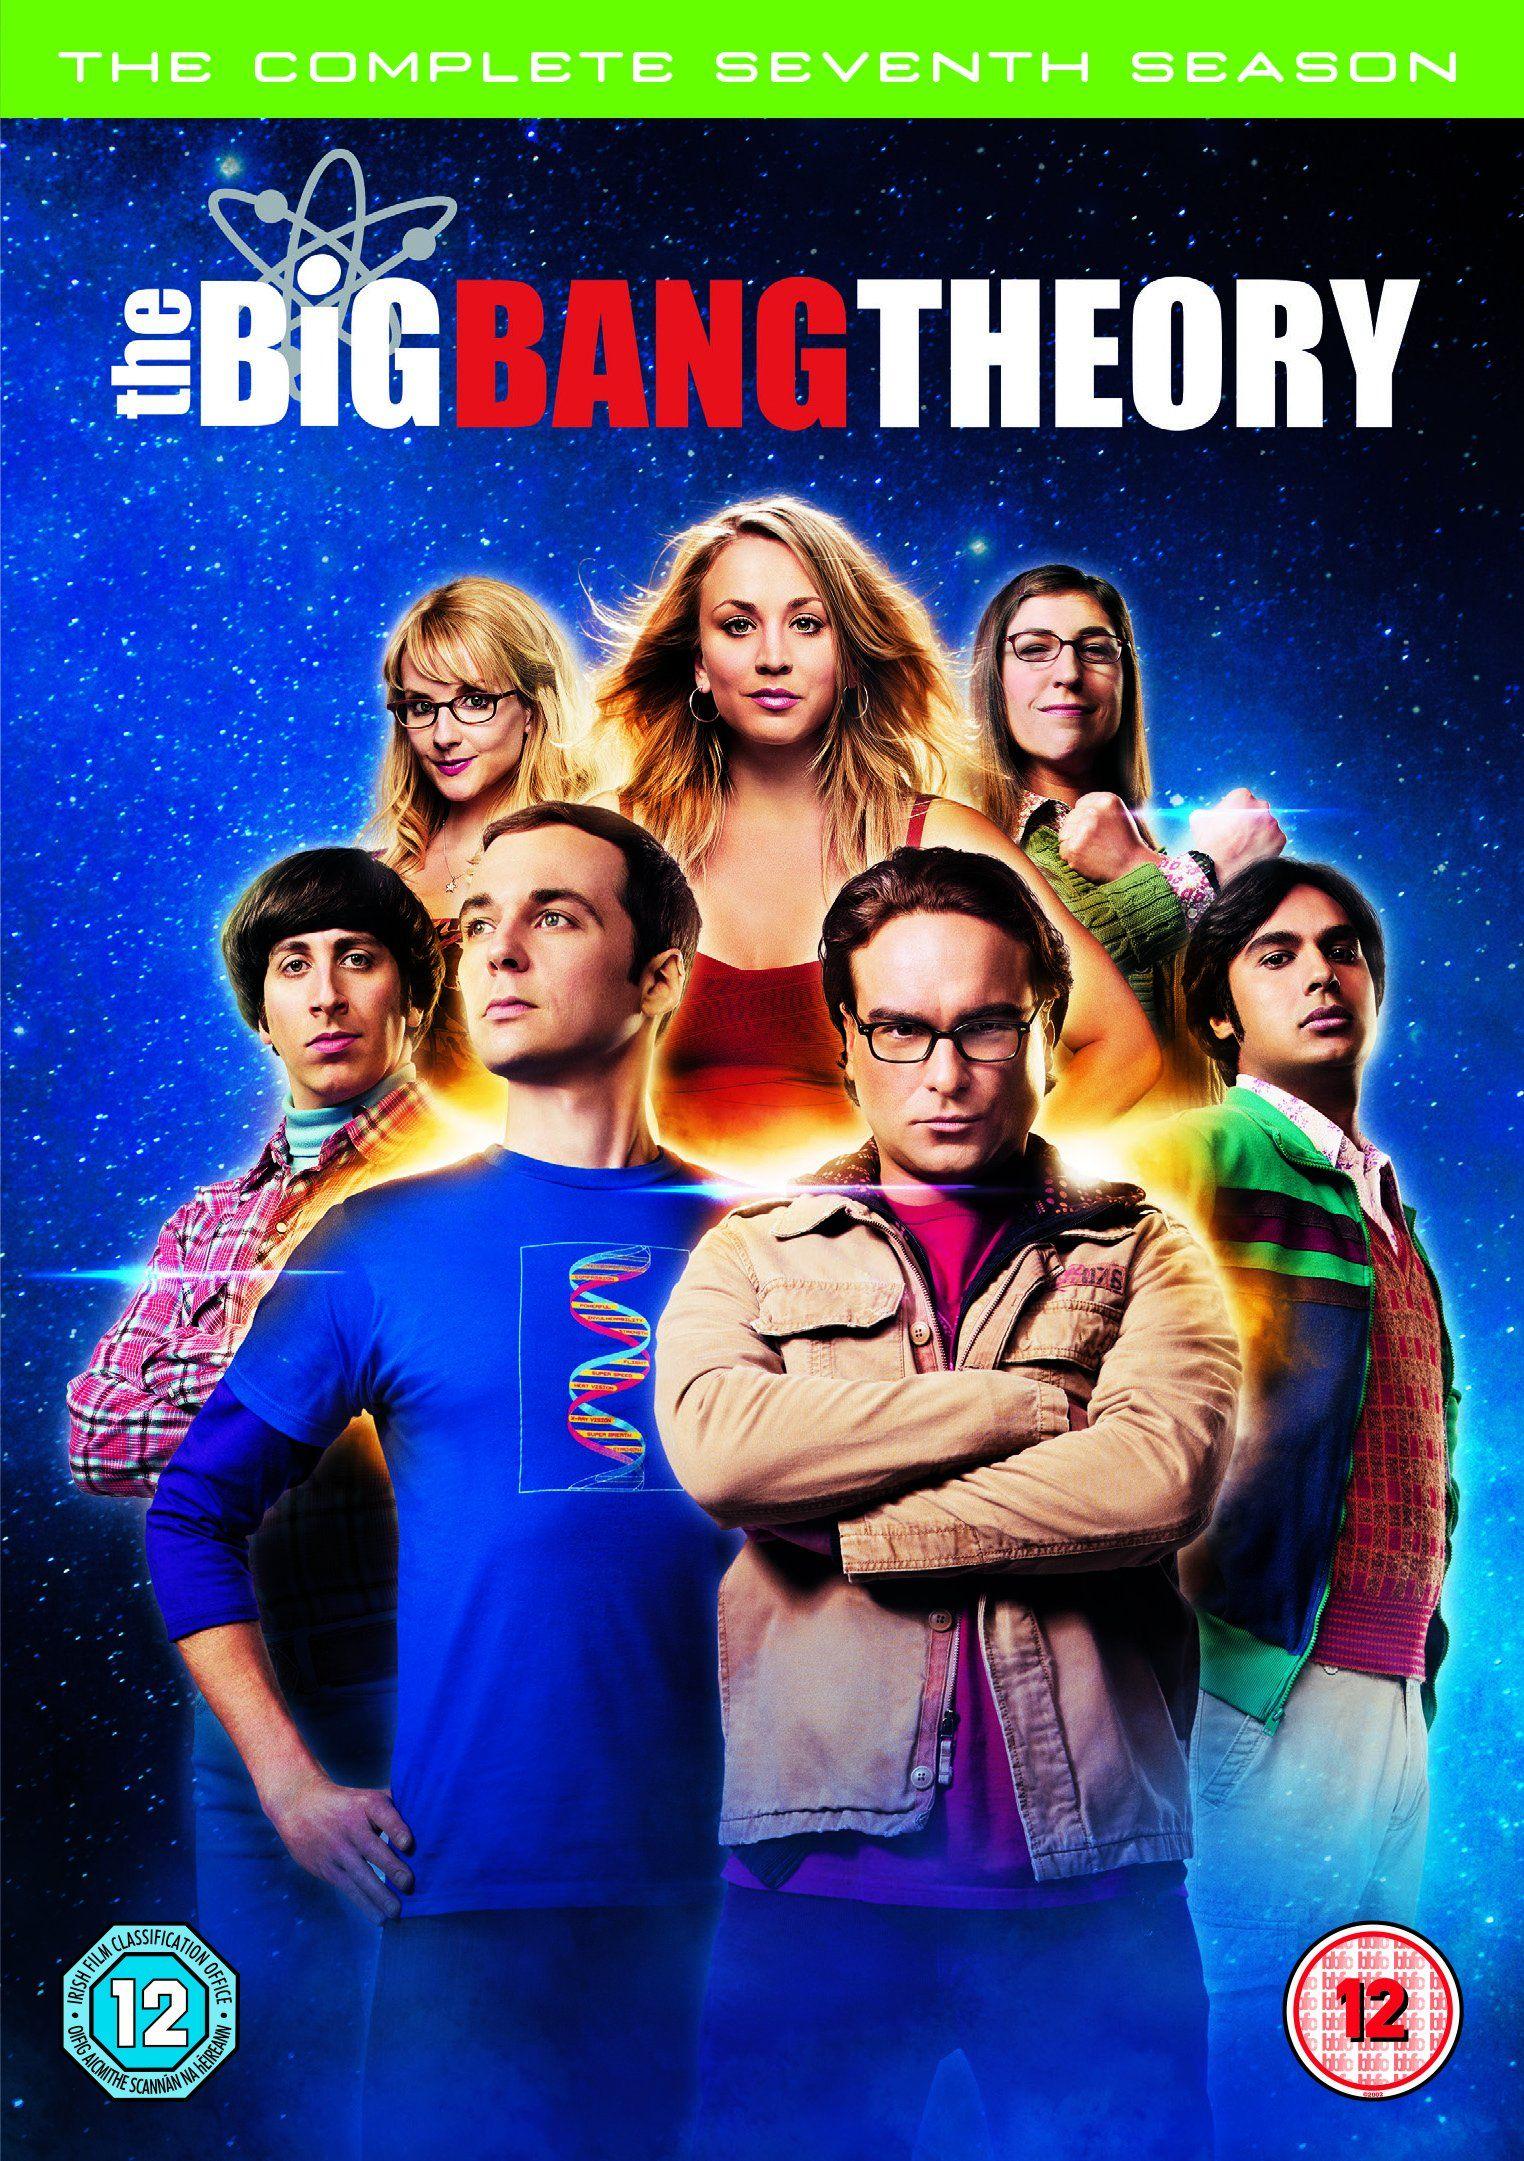 Kickass torrent big bang theory season 1 new version